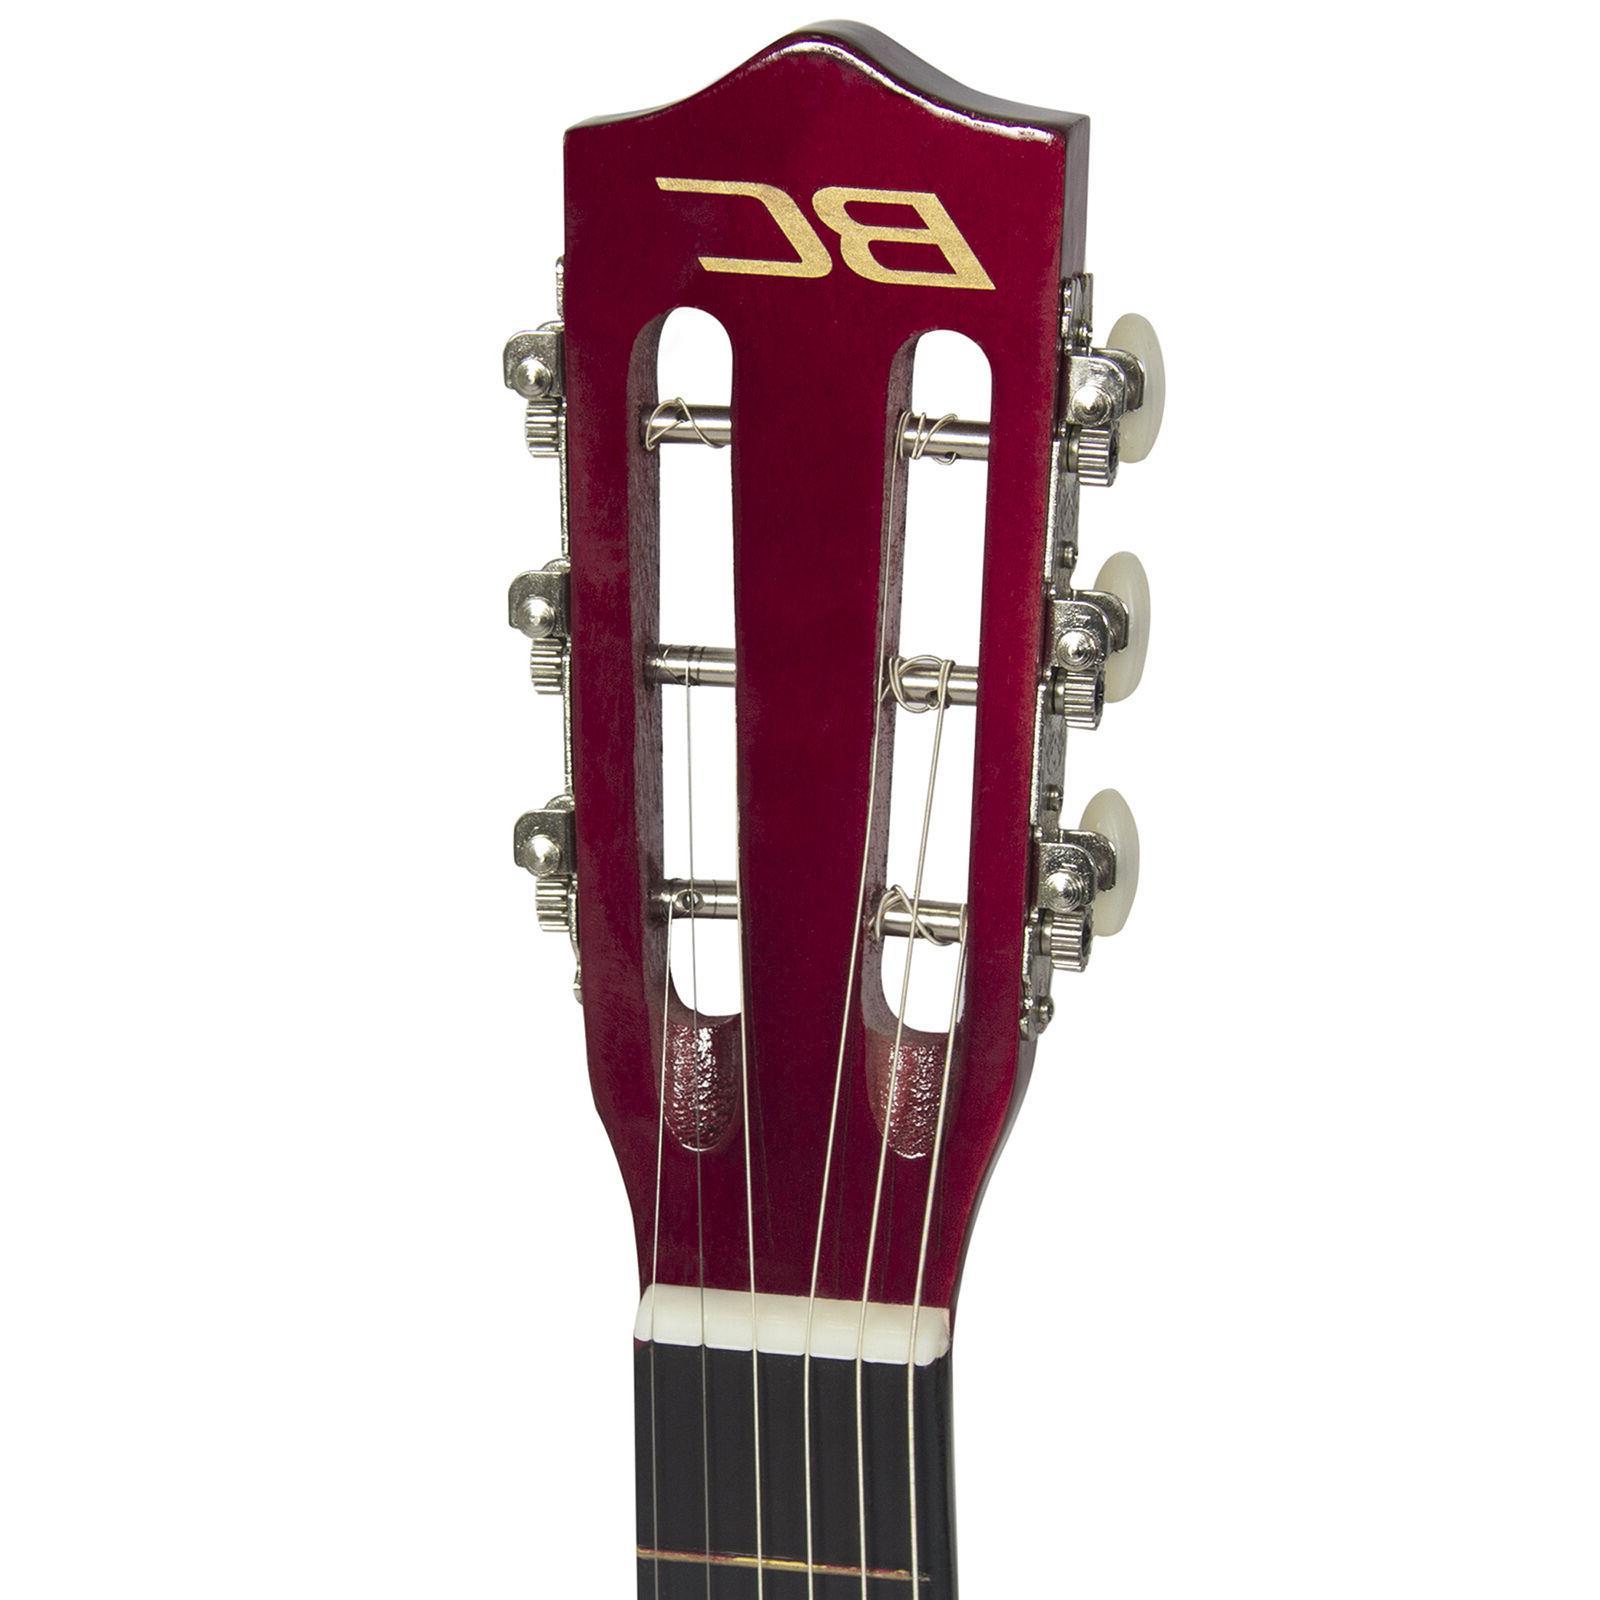 Beginner Acoustic Starter Kit Case, Digital Pick